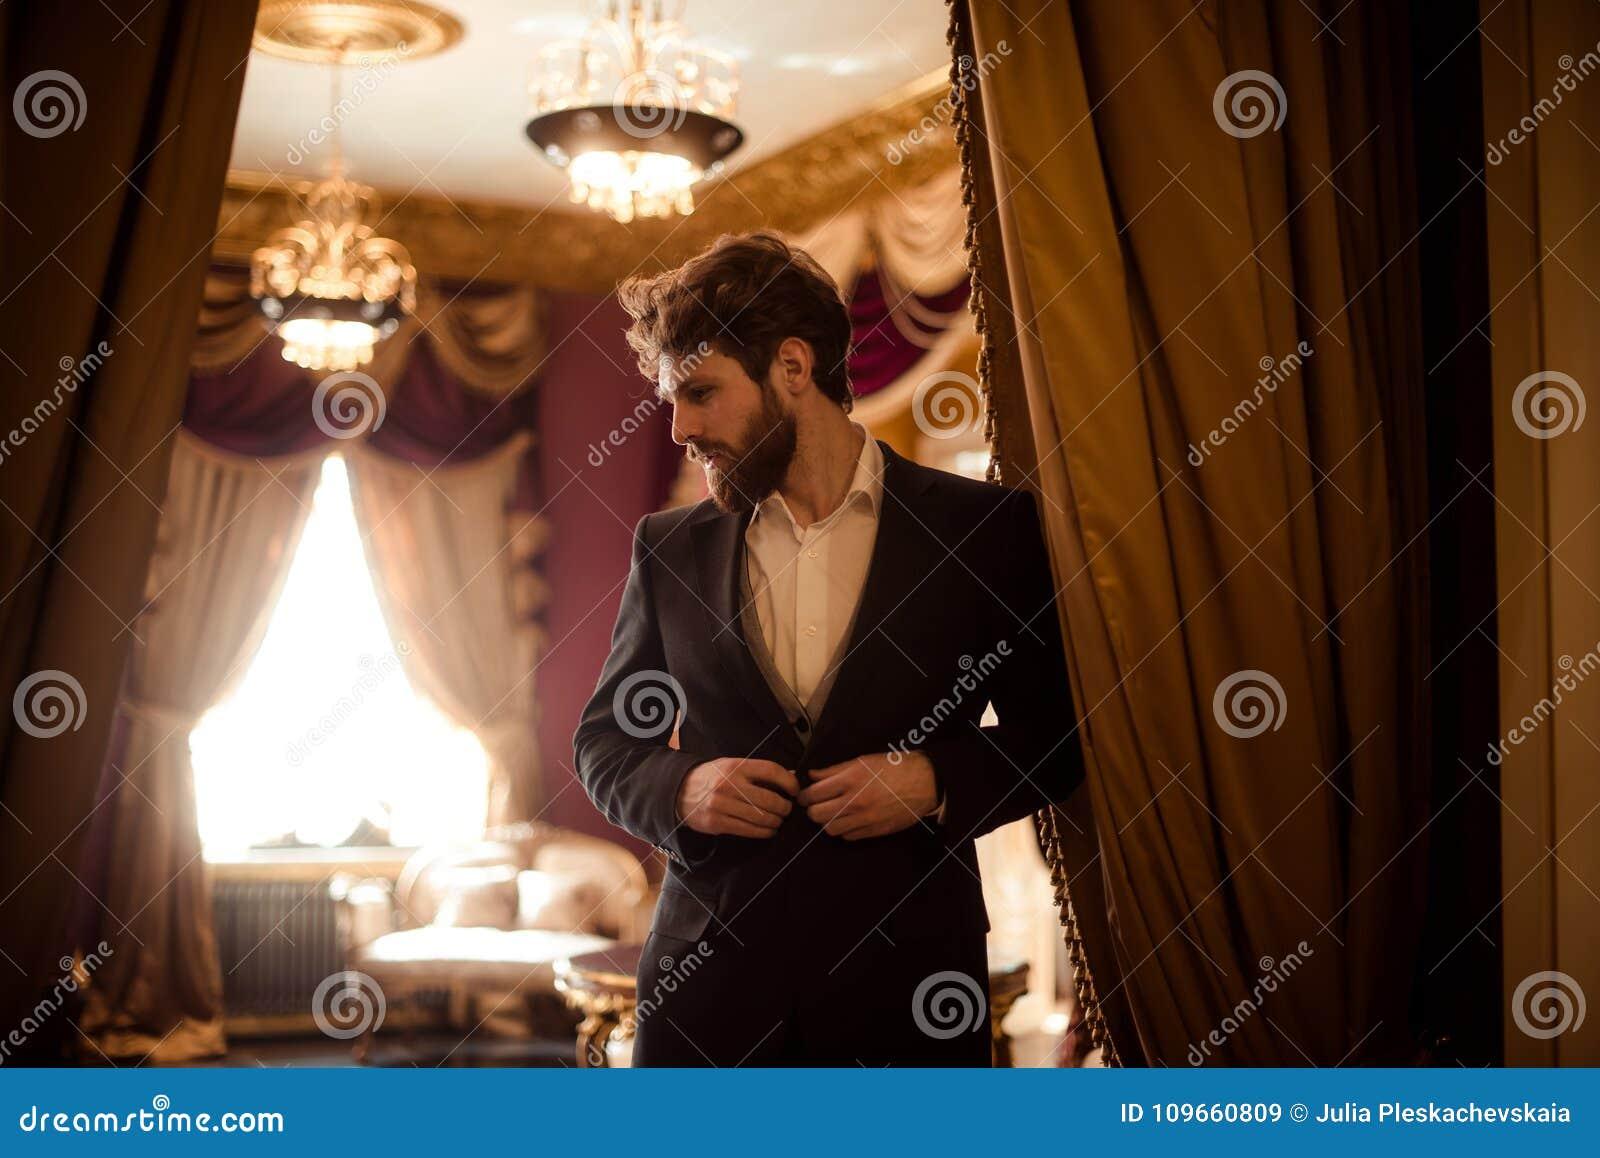 O tiro horizontal do empresário masculino farpado vestiu-se no terno formal, suportes na sala real com cortinas luxuosas e